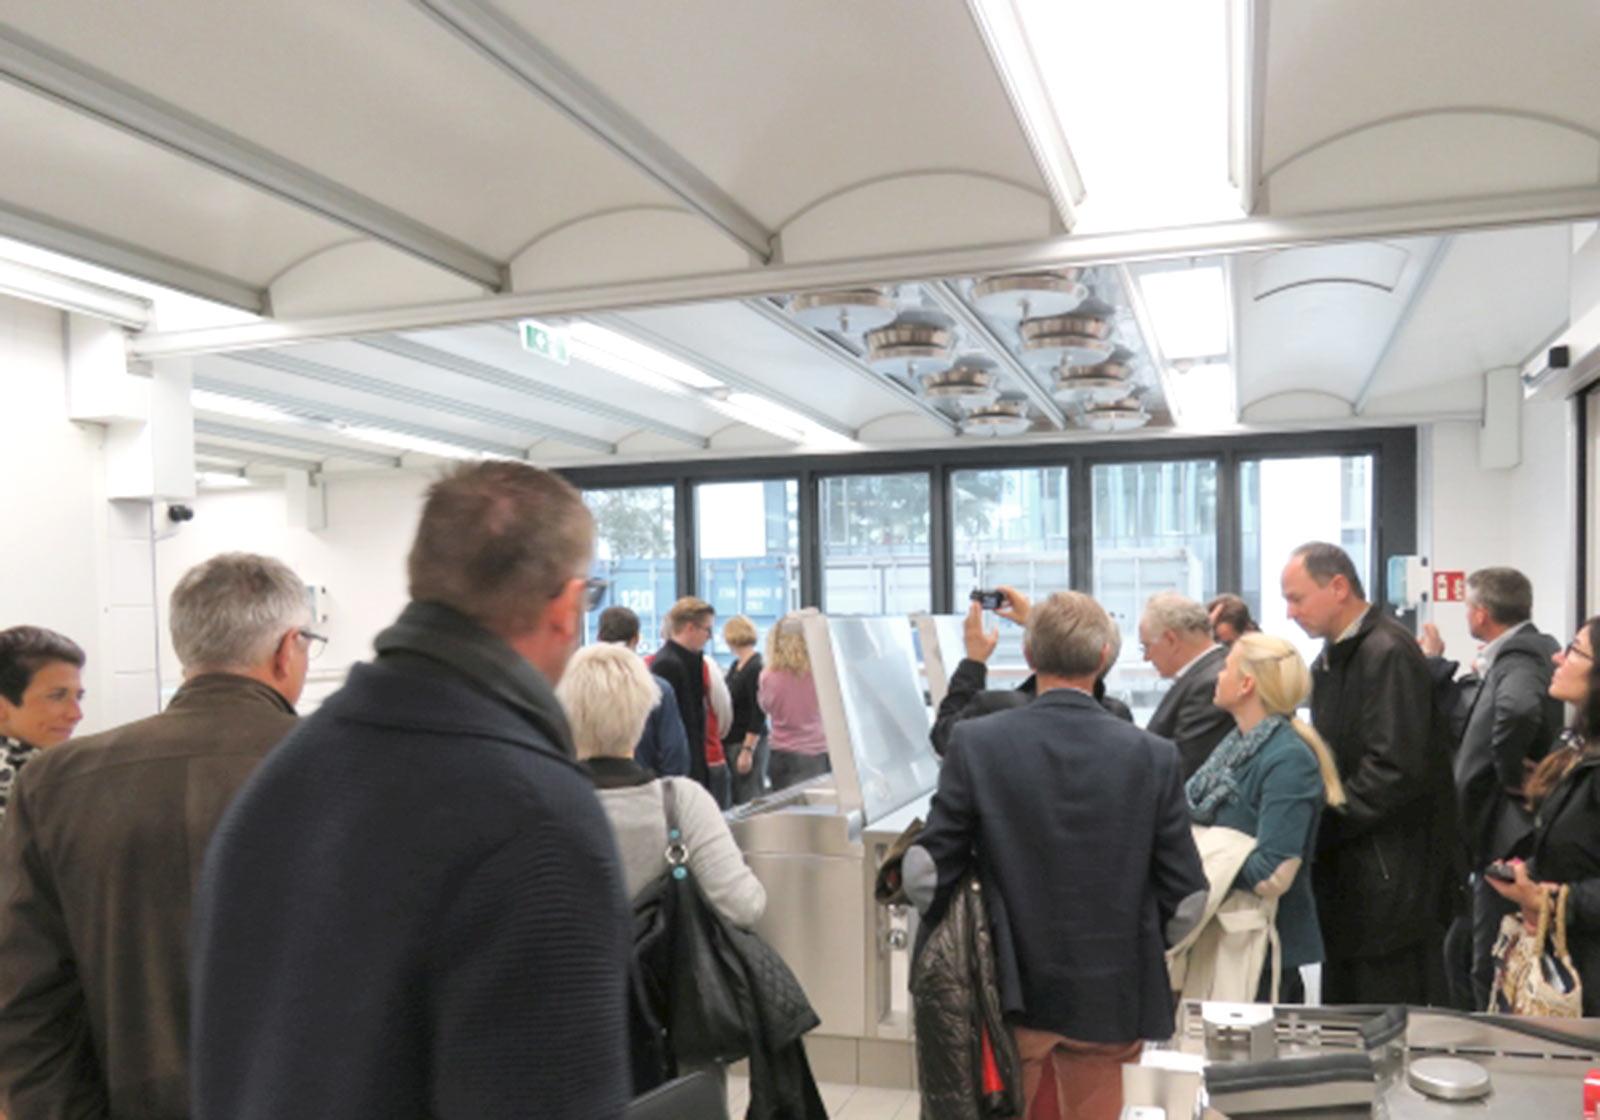 Interessiert erkundeten die Tagungsteilnehmer_innen die eben erst fertiggestellte Großküche. Foto: Management Forum Starnberg